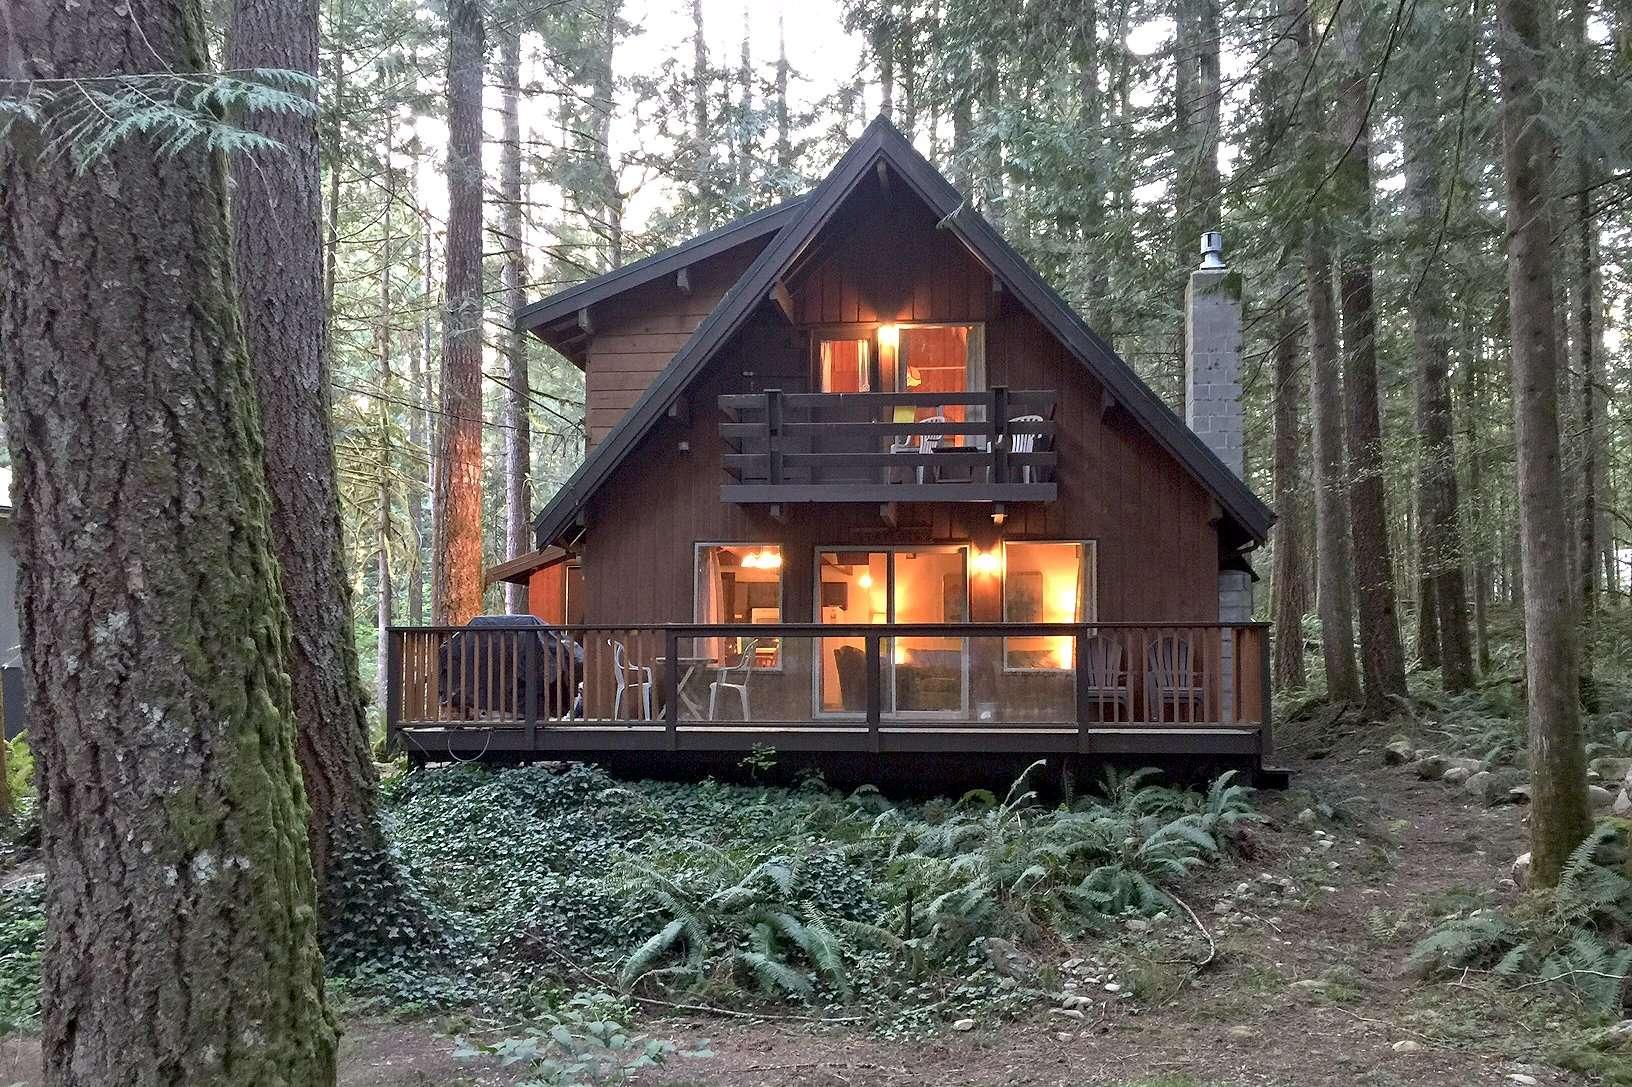 Mt baker lodging cabin 27 mt baker lodging wa 24 for Mount baker cabins